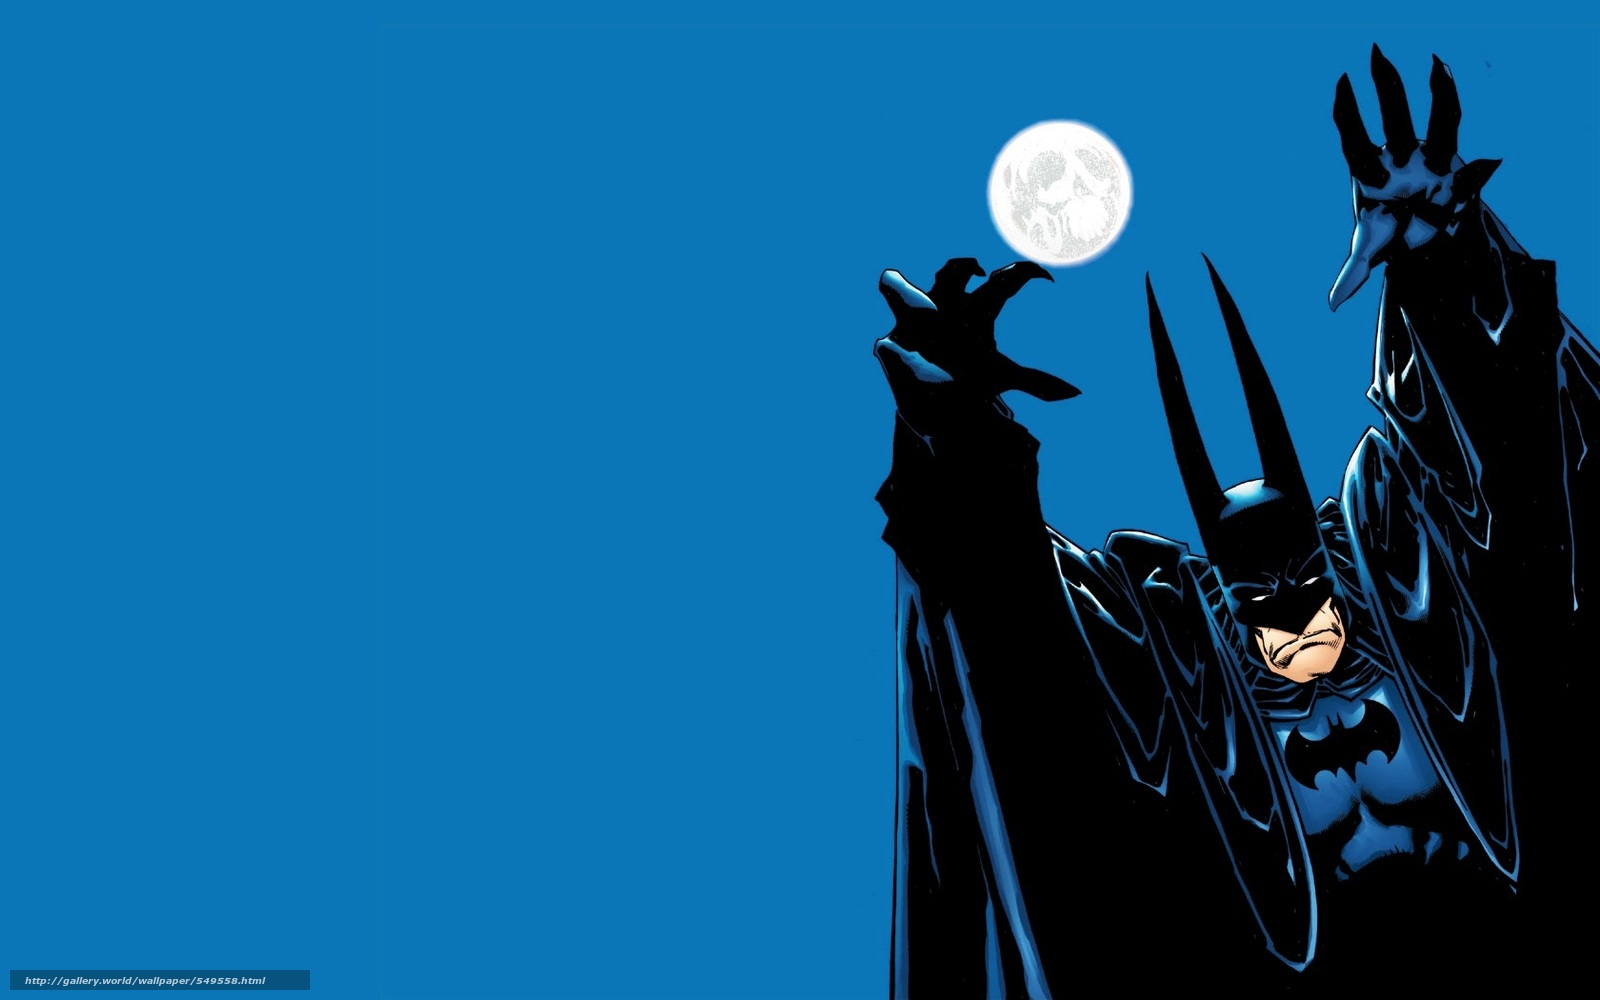 バットマン (架空の人物)の画像 p1_27